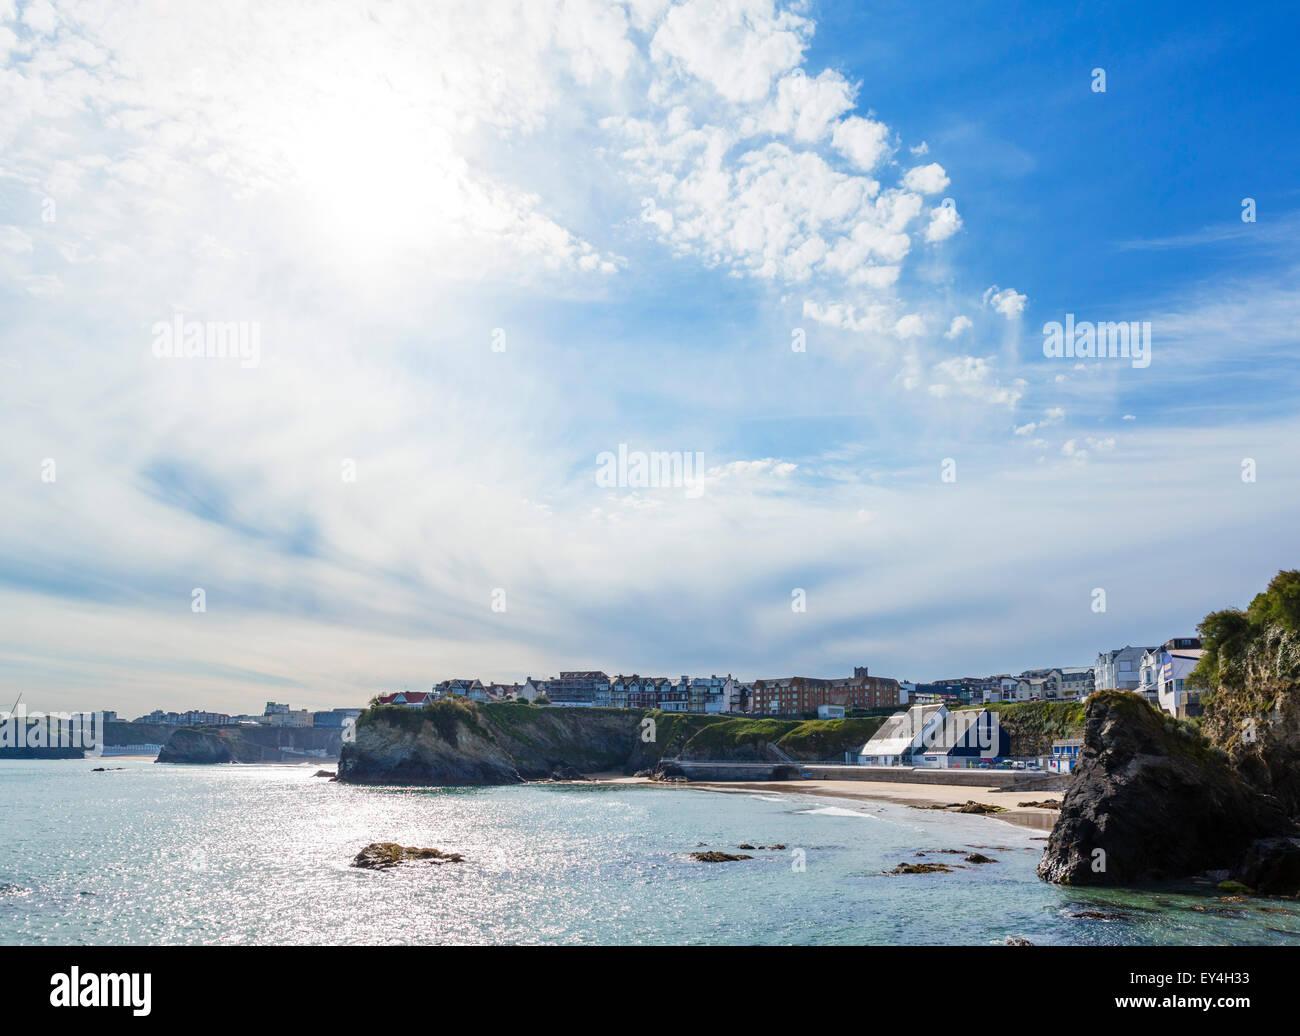 Visto desde la bahía de Newquay harbour mostrando la ciudad y las playas, Newquay, Cornwall, Inglaterra, Reino Imagen De Stock